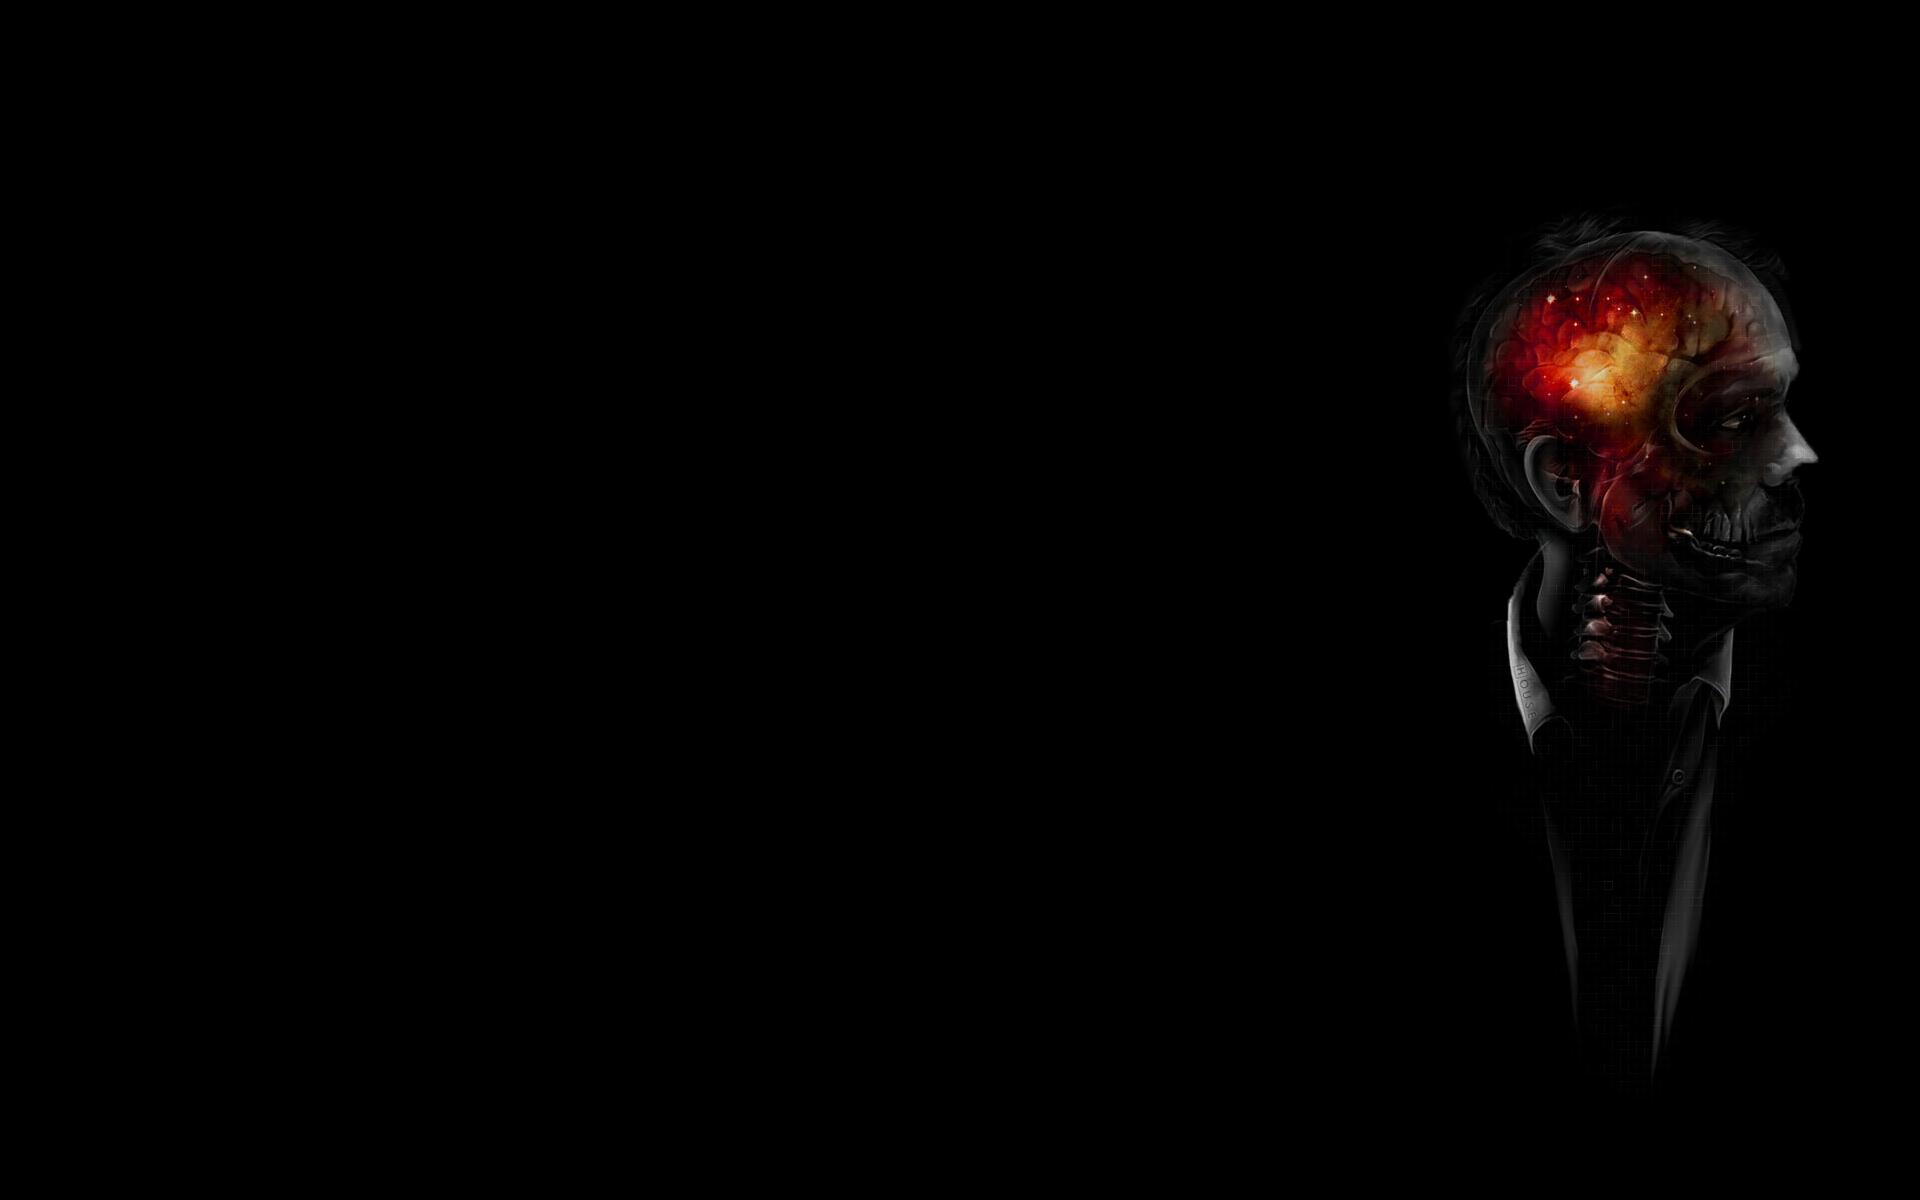 viper skull